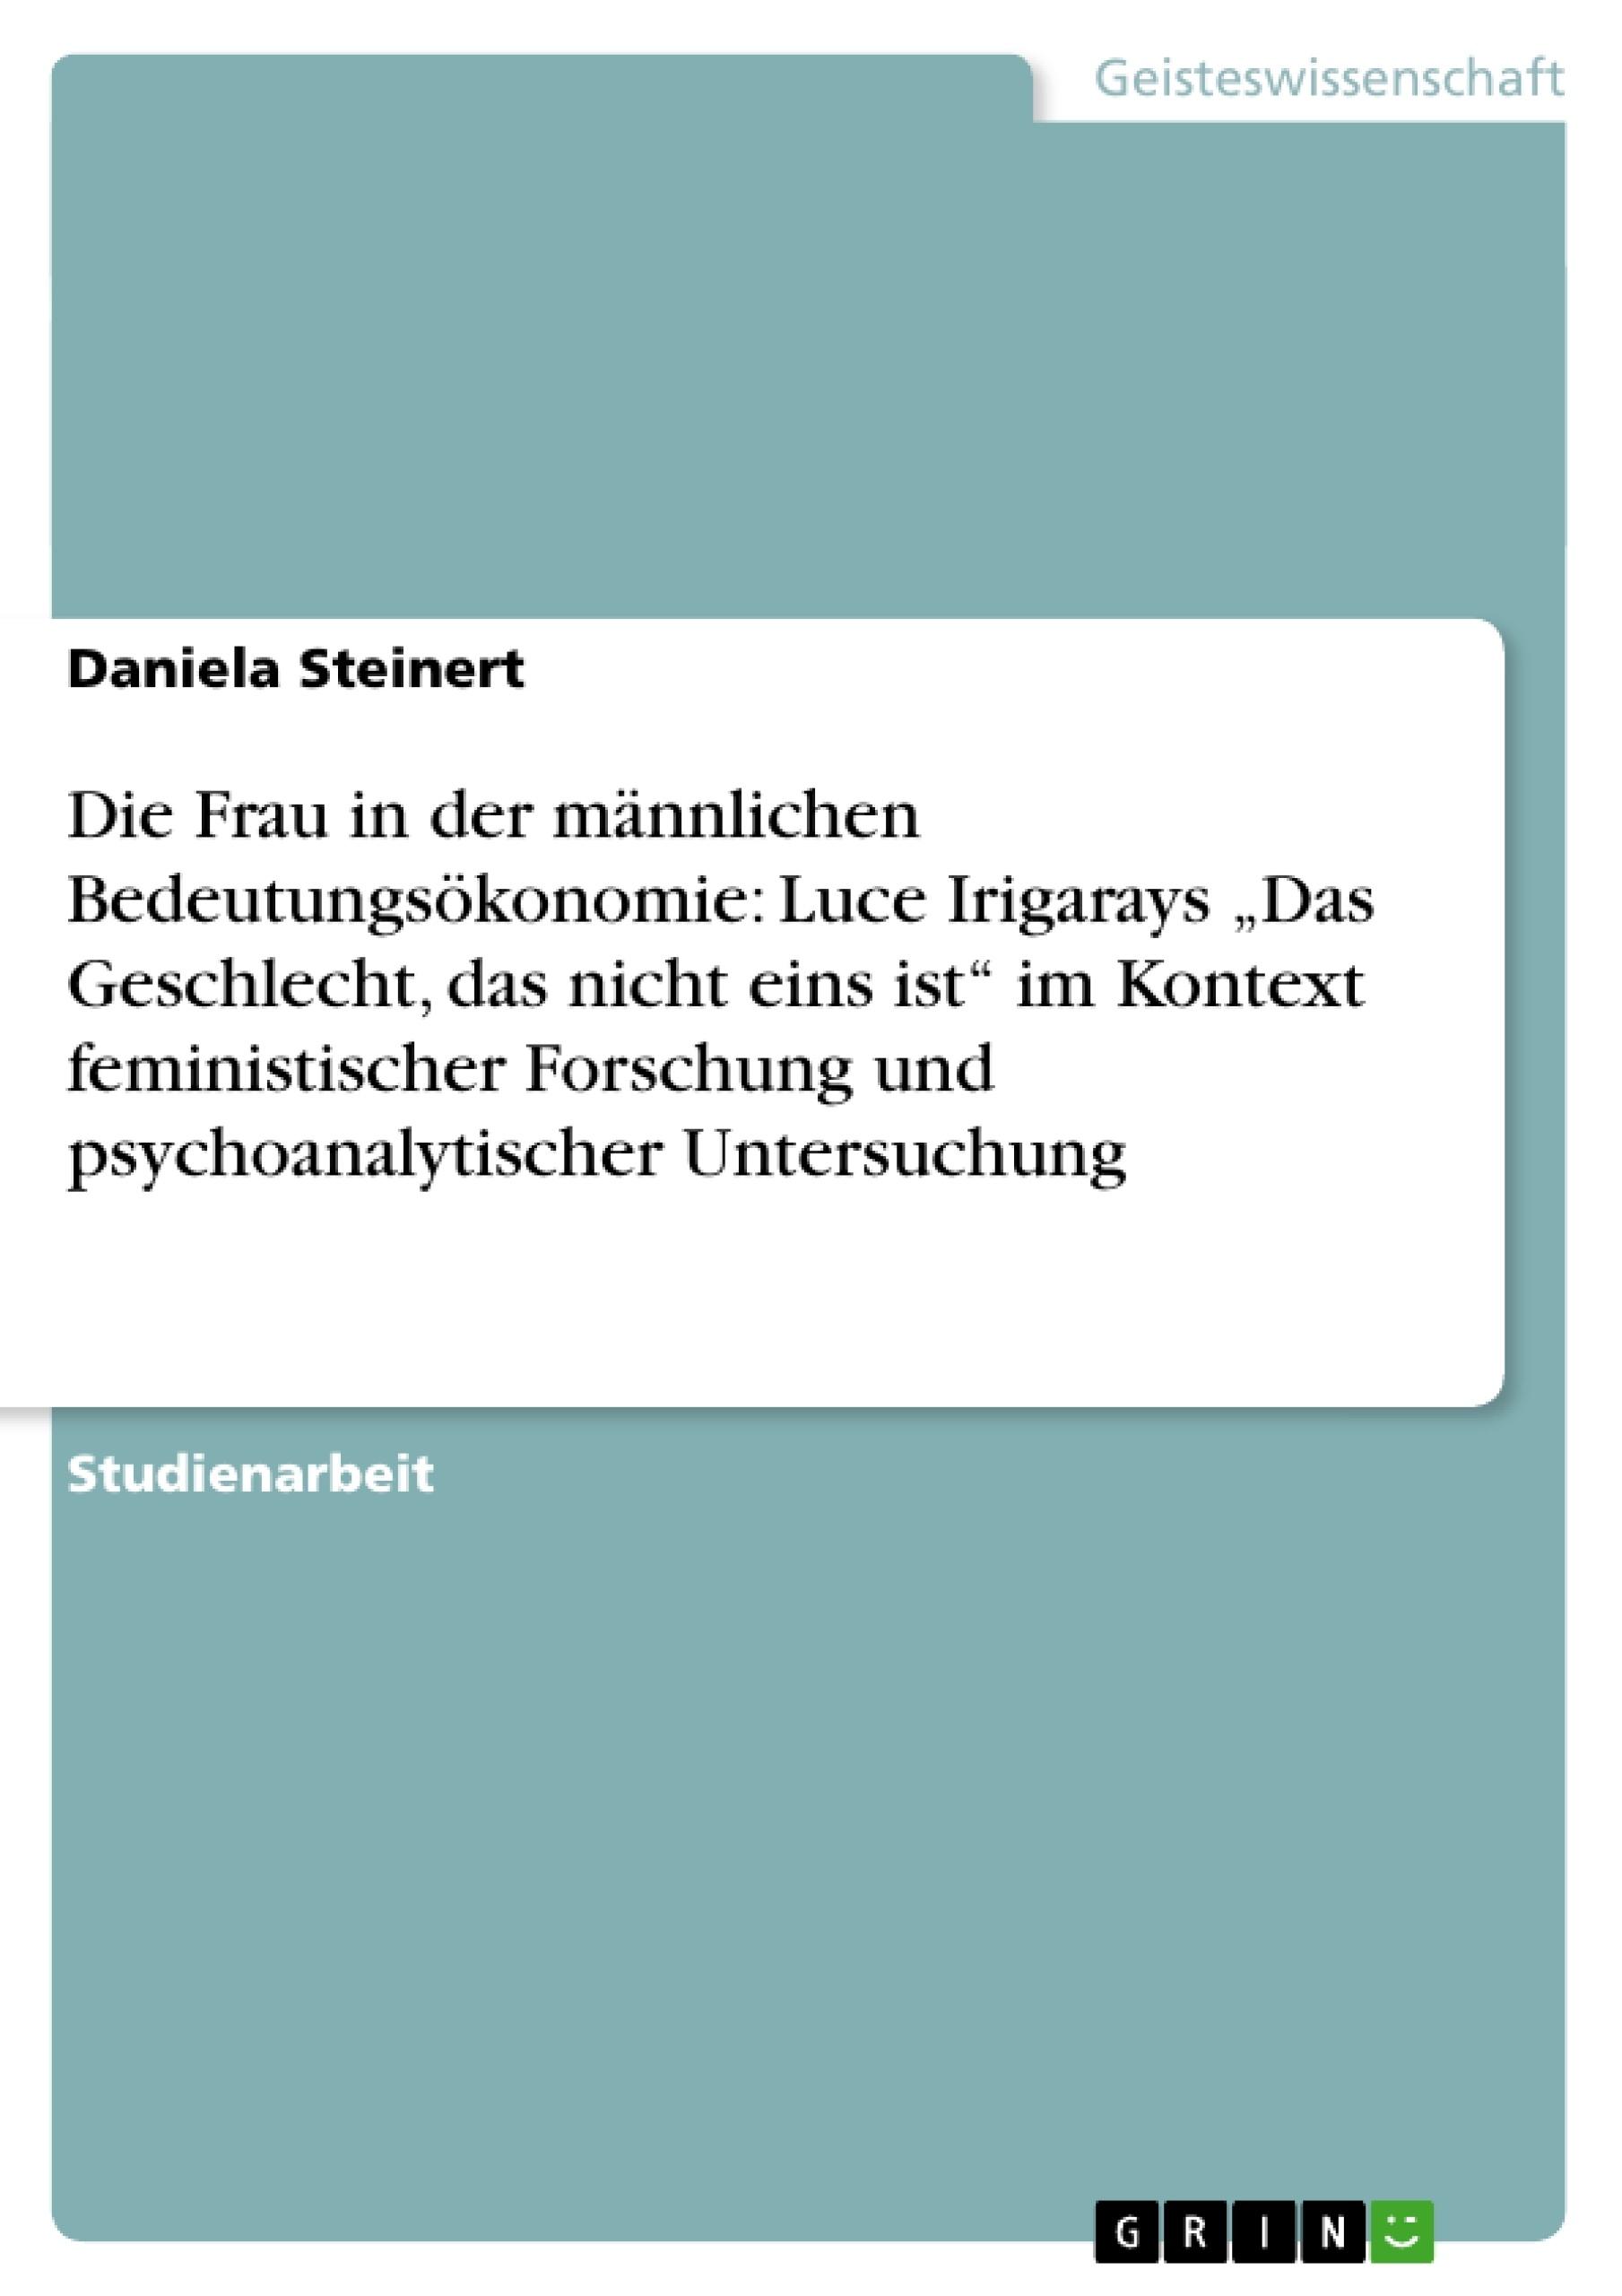 """Titel: Die Frau in der männlichen Bedeutungsökonomie: Luce Irigarays """"Das Geschlecht, das nicht eins ist"""" im Kontext feministischer Forschung und psychoanalytischer Untersuchung"""